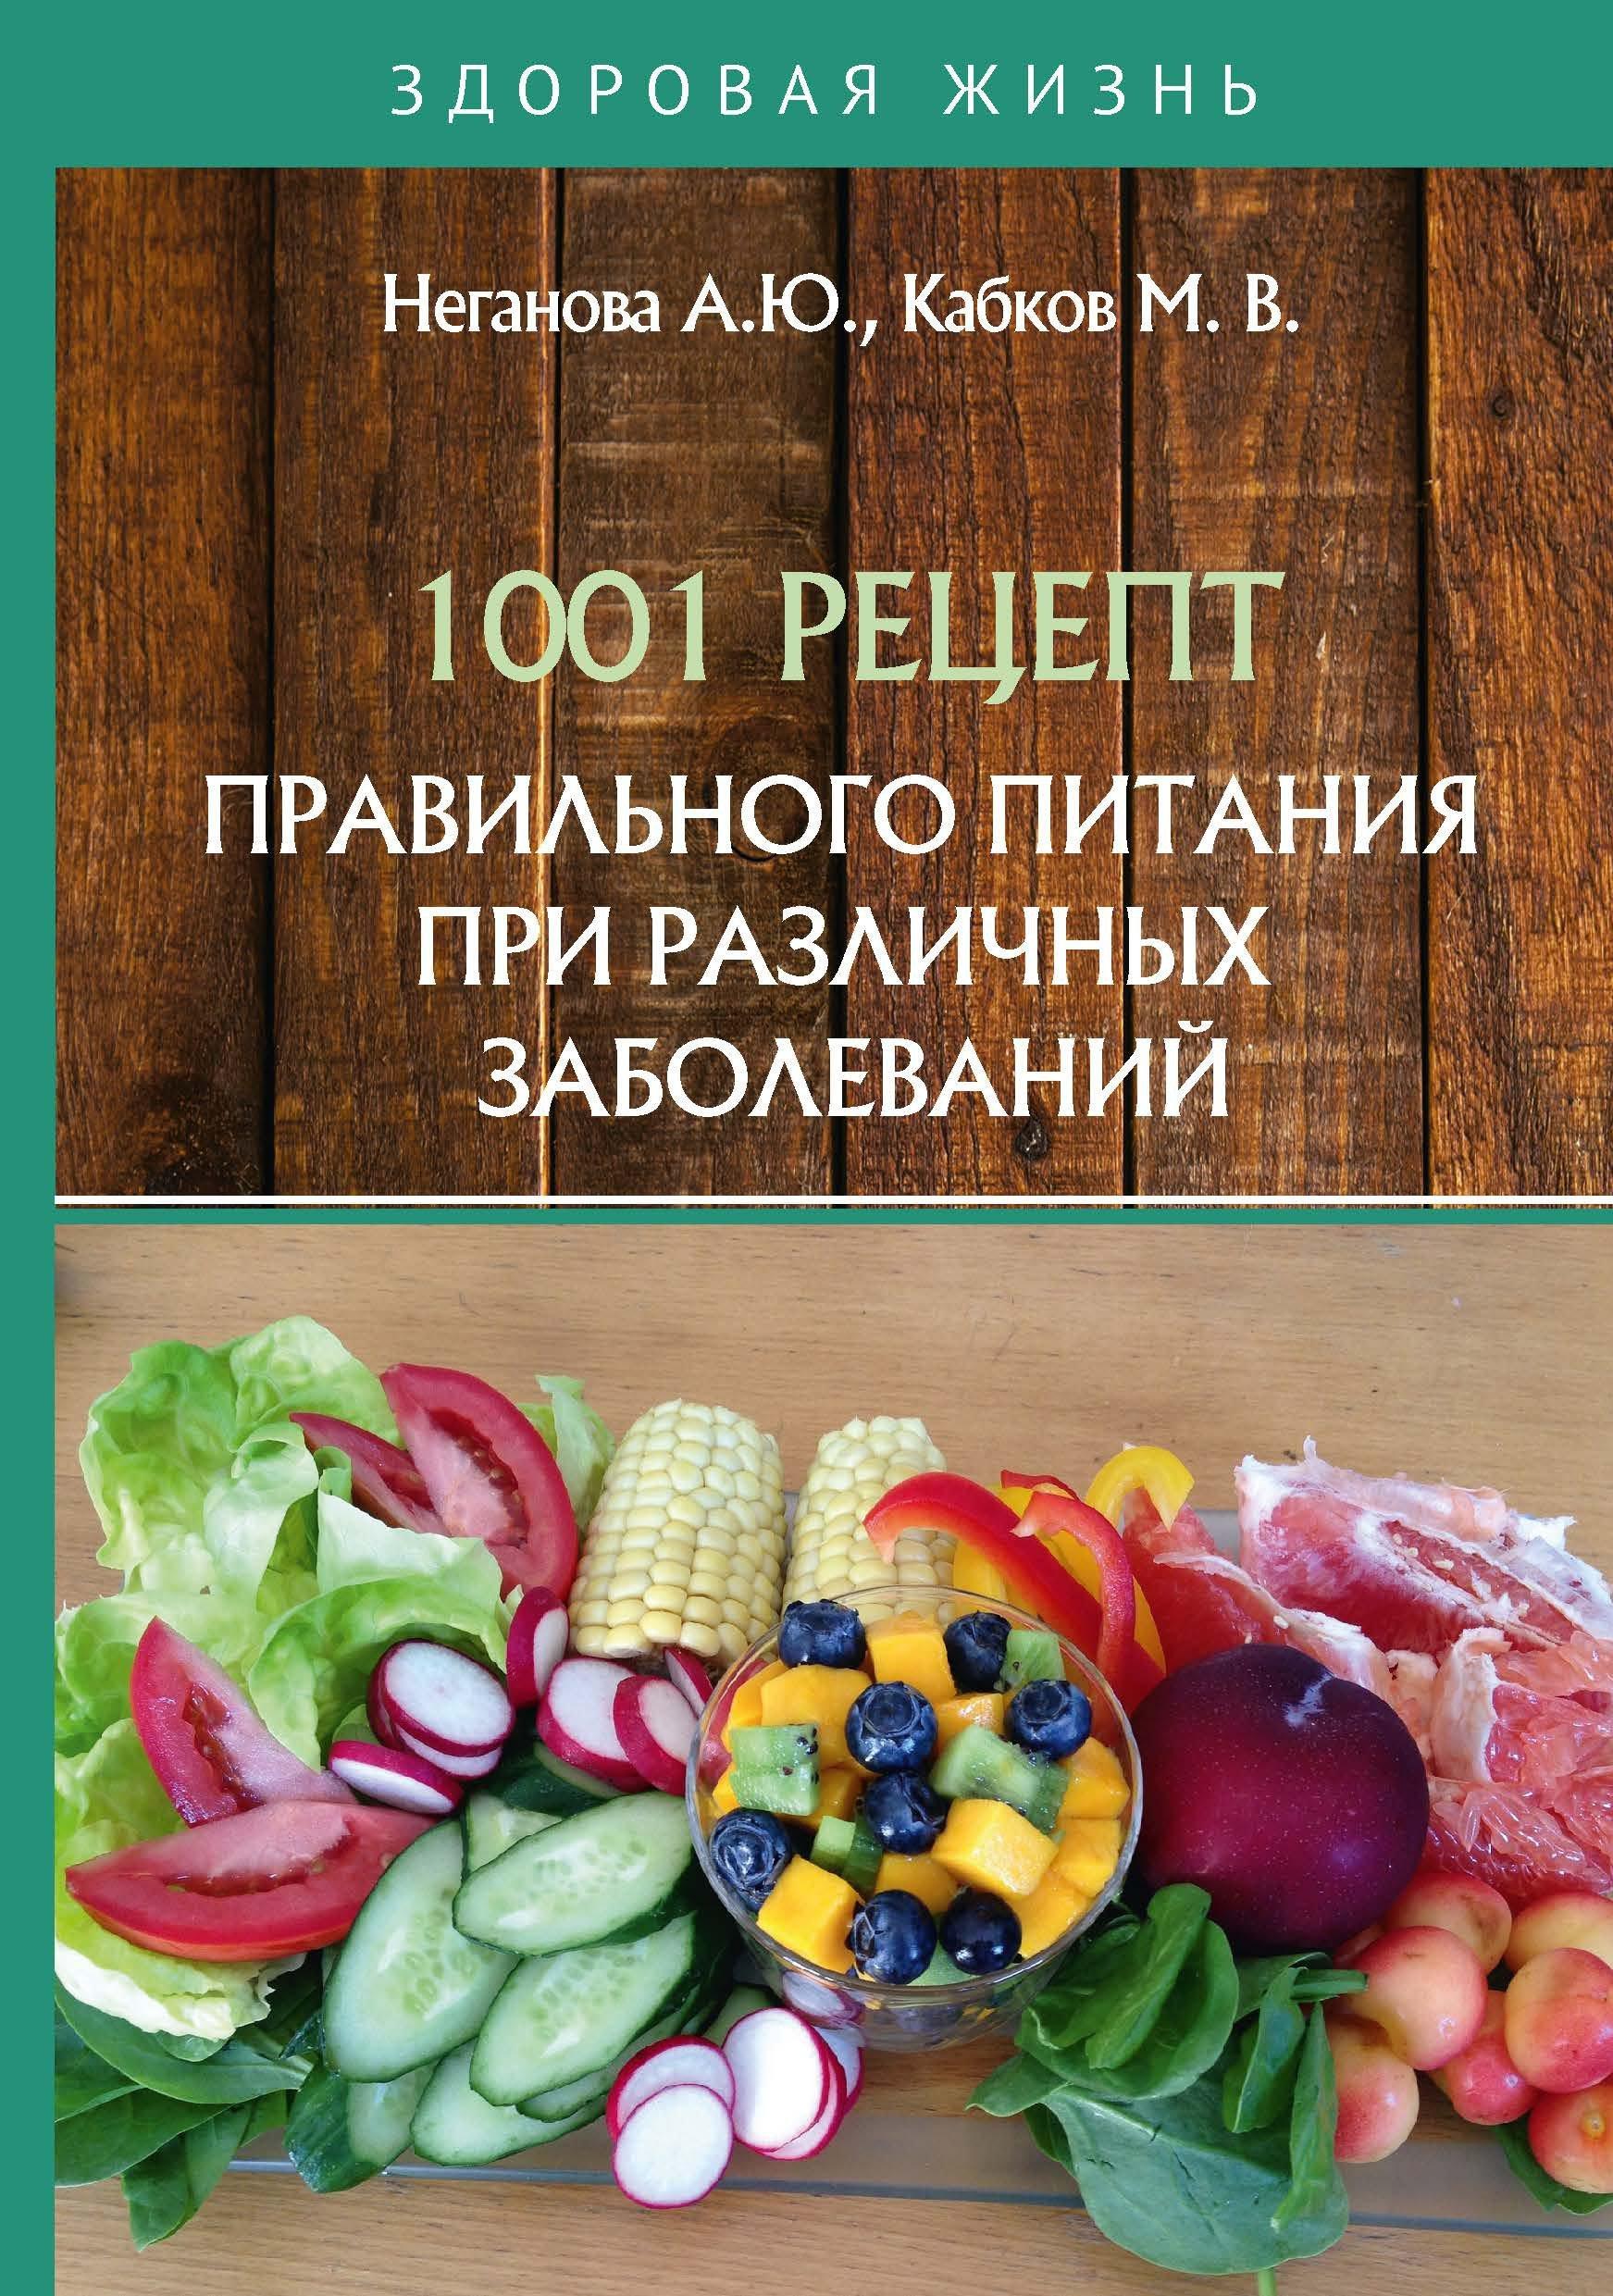 1001 рецепт правильного питания при различных заболеваний